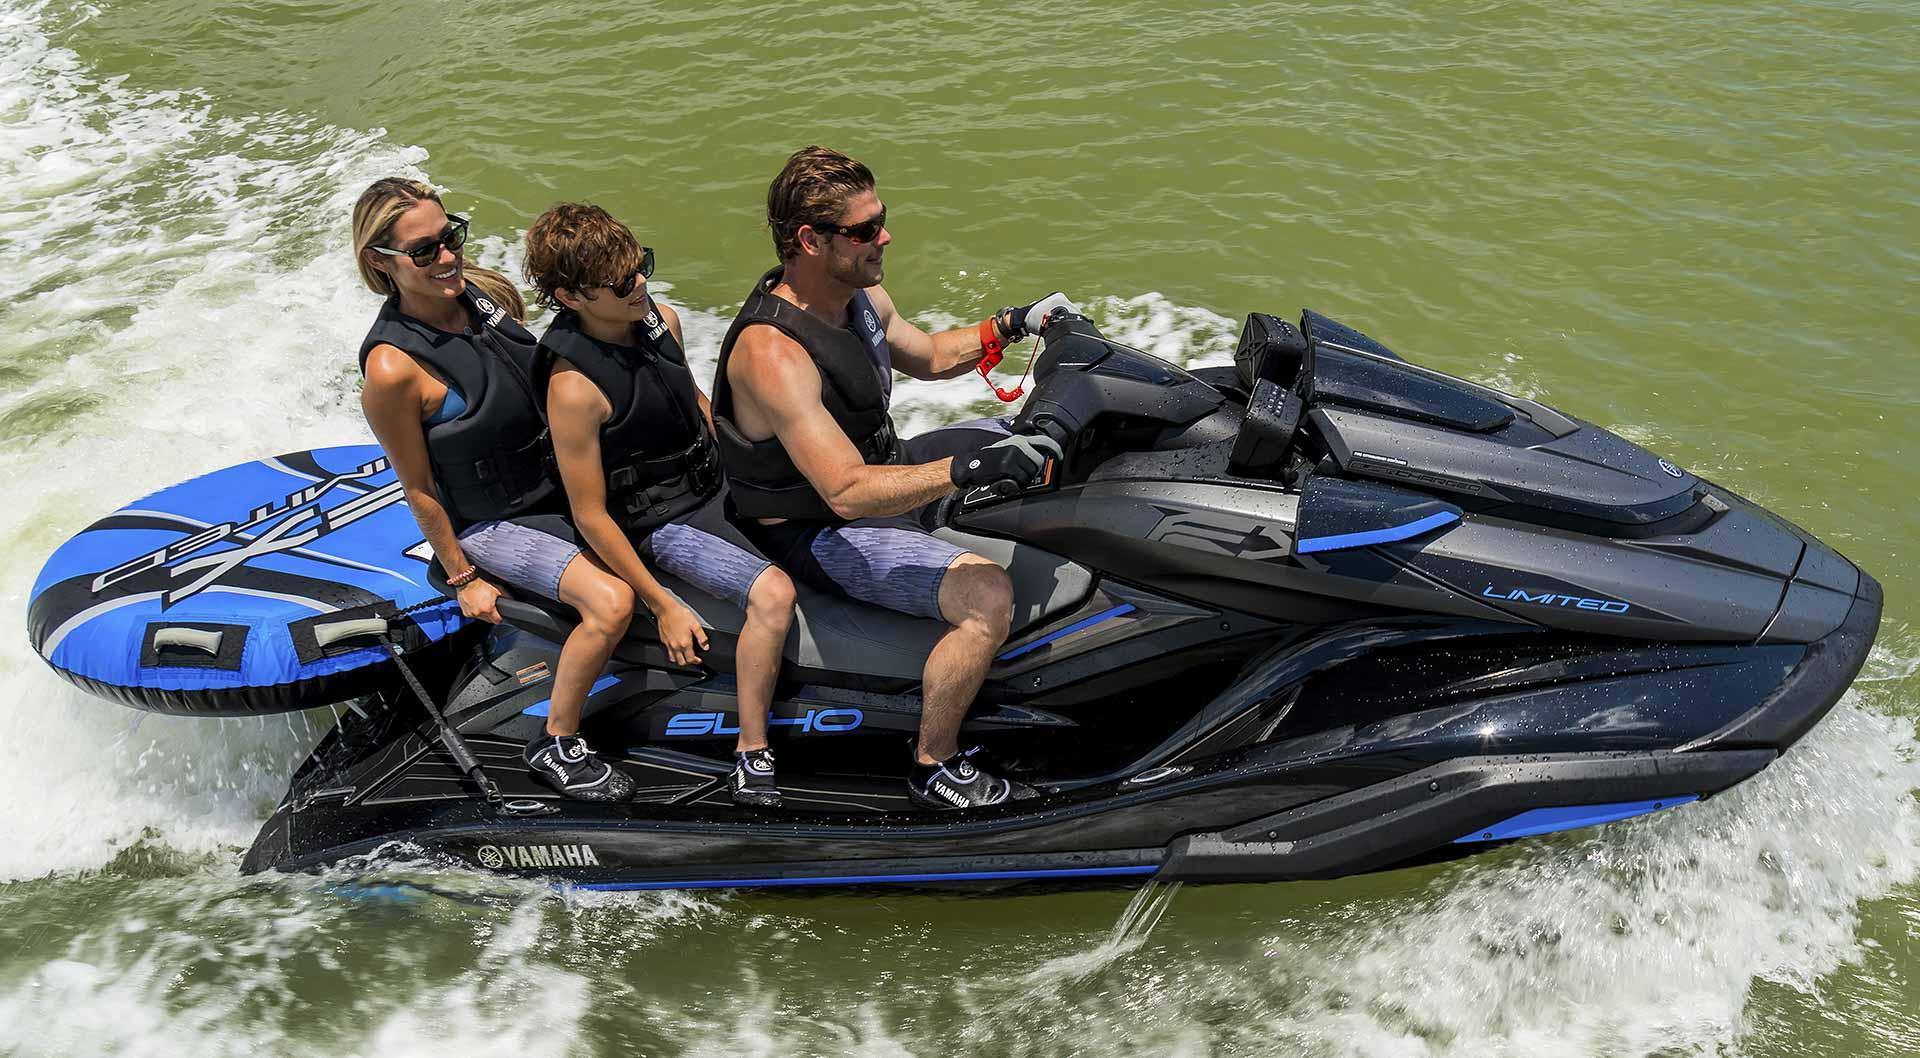 yamaha-waverunners-2020-fx-limited-svho-family-cruising-black-blue